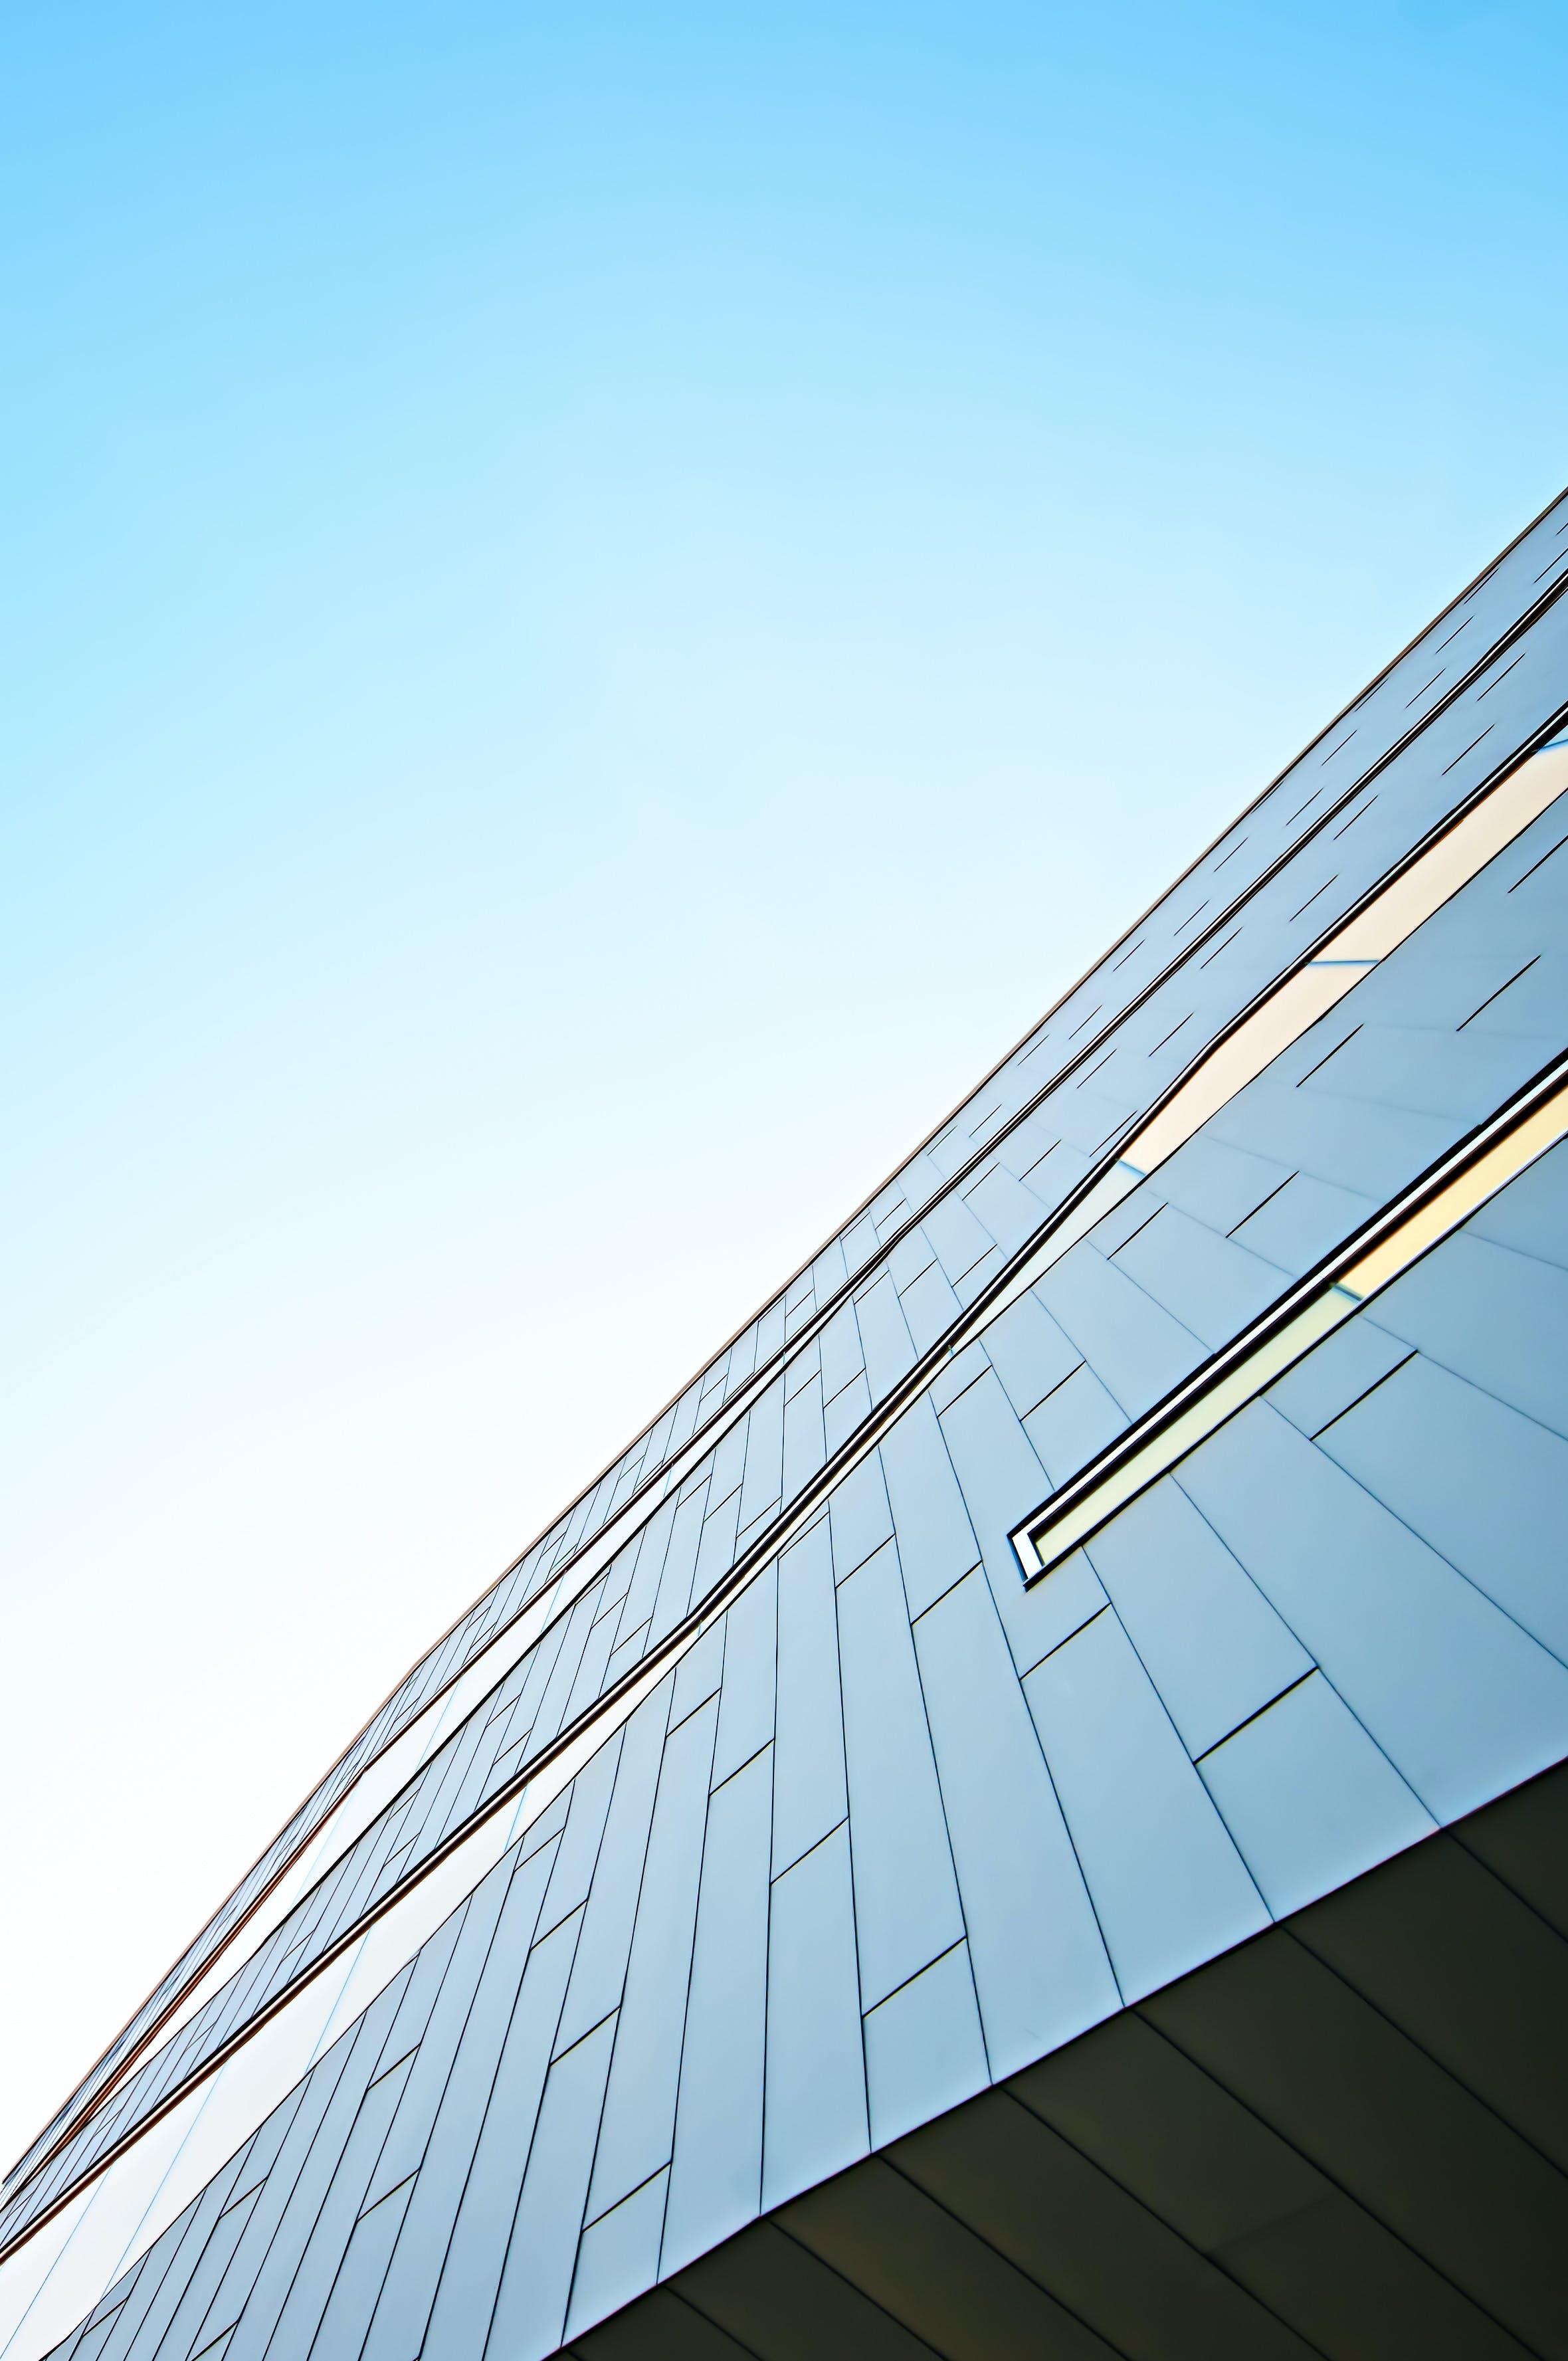 Kostenloses Stock Foto zu architektur, hochhaus, wolkenkratzer, perspektive